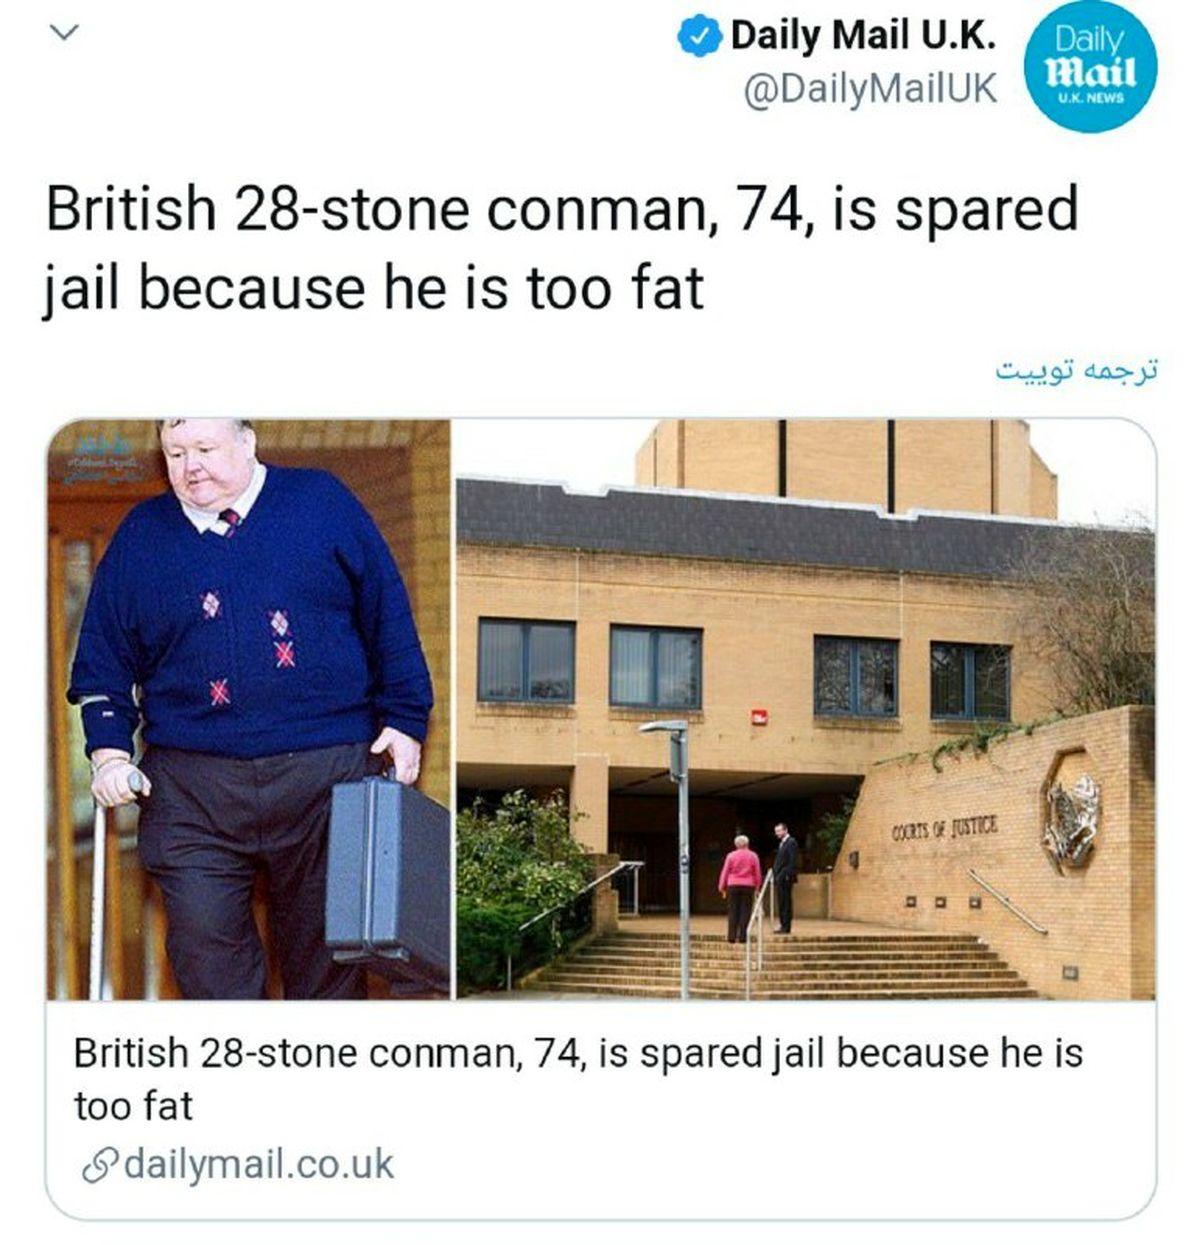 آزادی عجیب یک زندانی به خاطر چاقی زیاد!